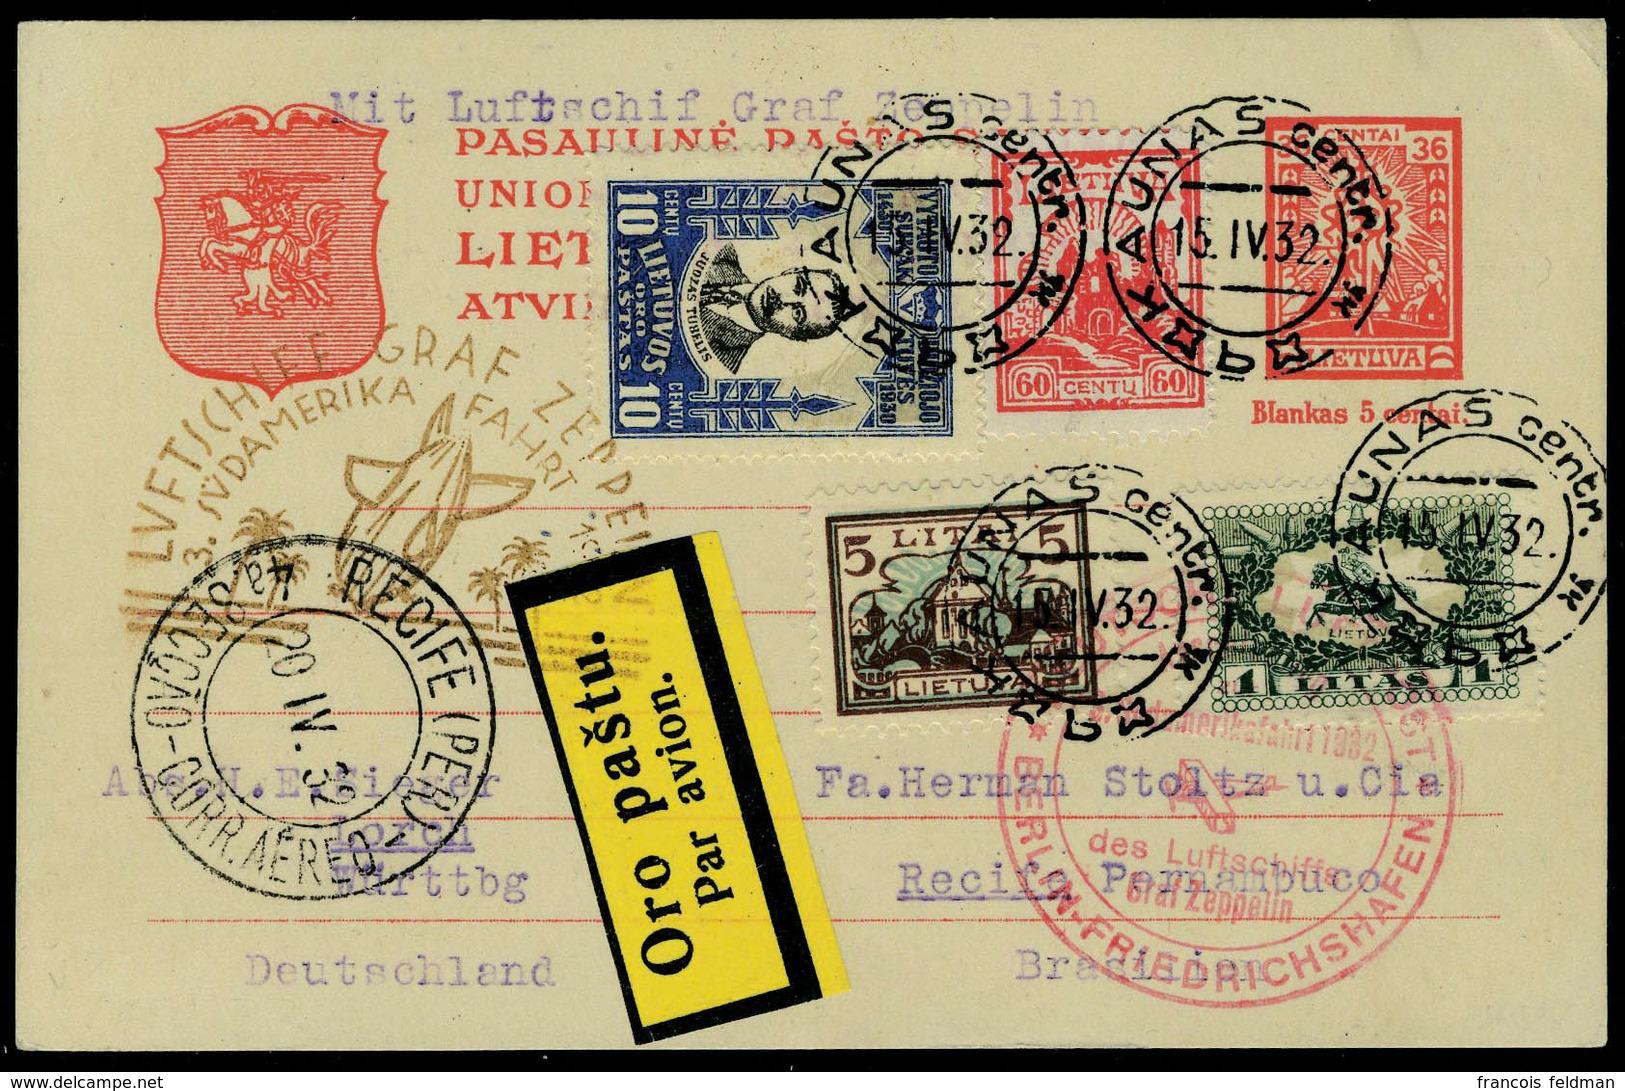 Lettre Zeppelin 3 SAF 1932, EP Avec Complément D'affranchissement, Càd Kaunas 15.IV 32, Cachet Illustré Berlin - Friedri - Zonder Classificatie